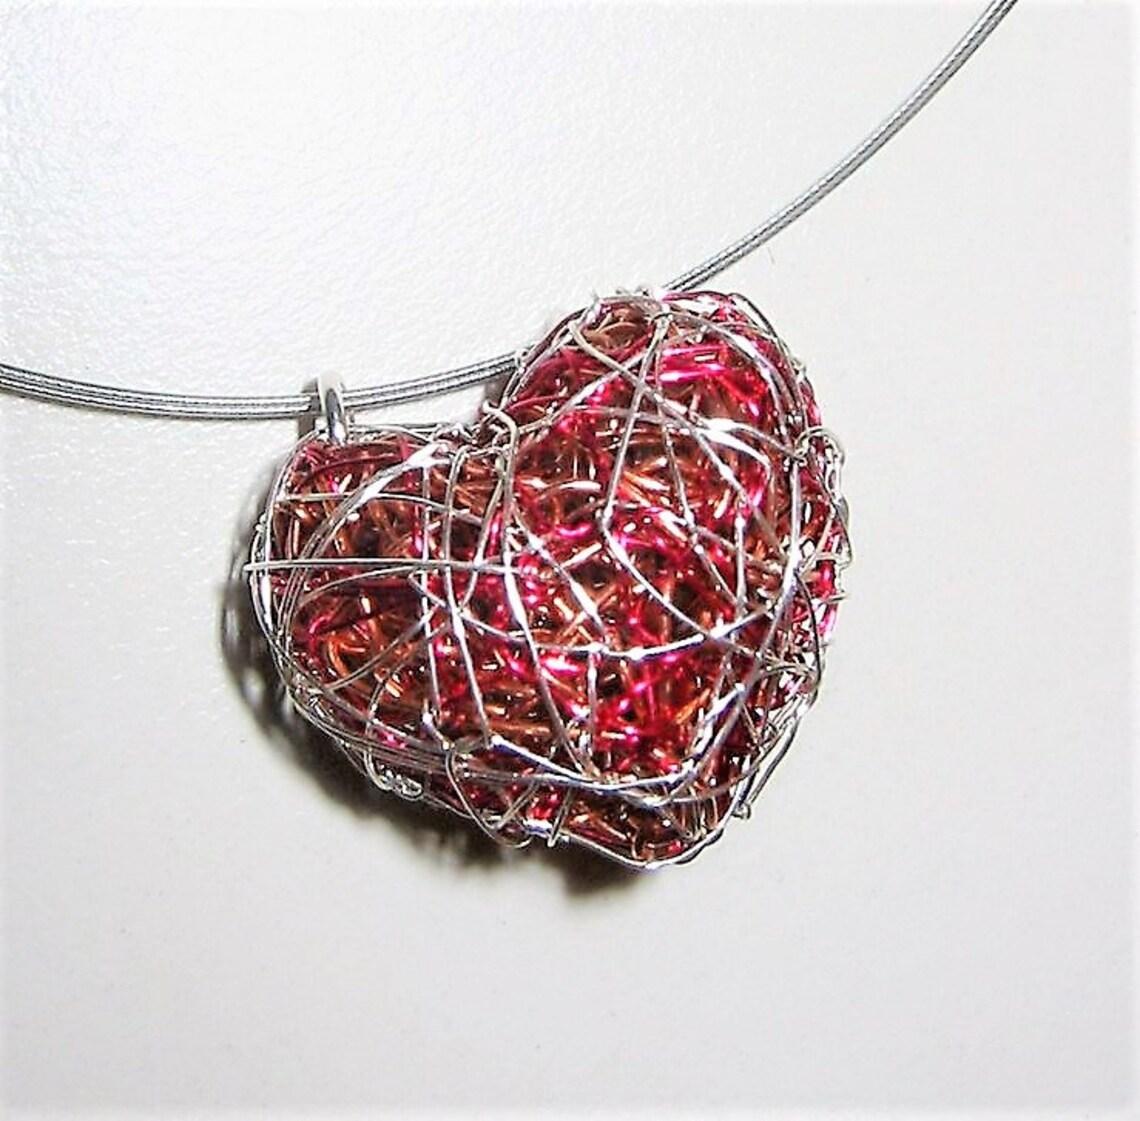 Heart jewelry, modern heart pendant